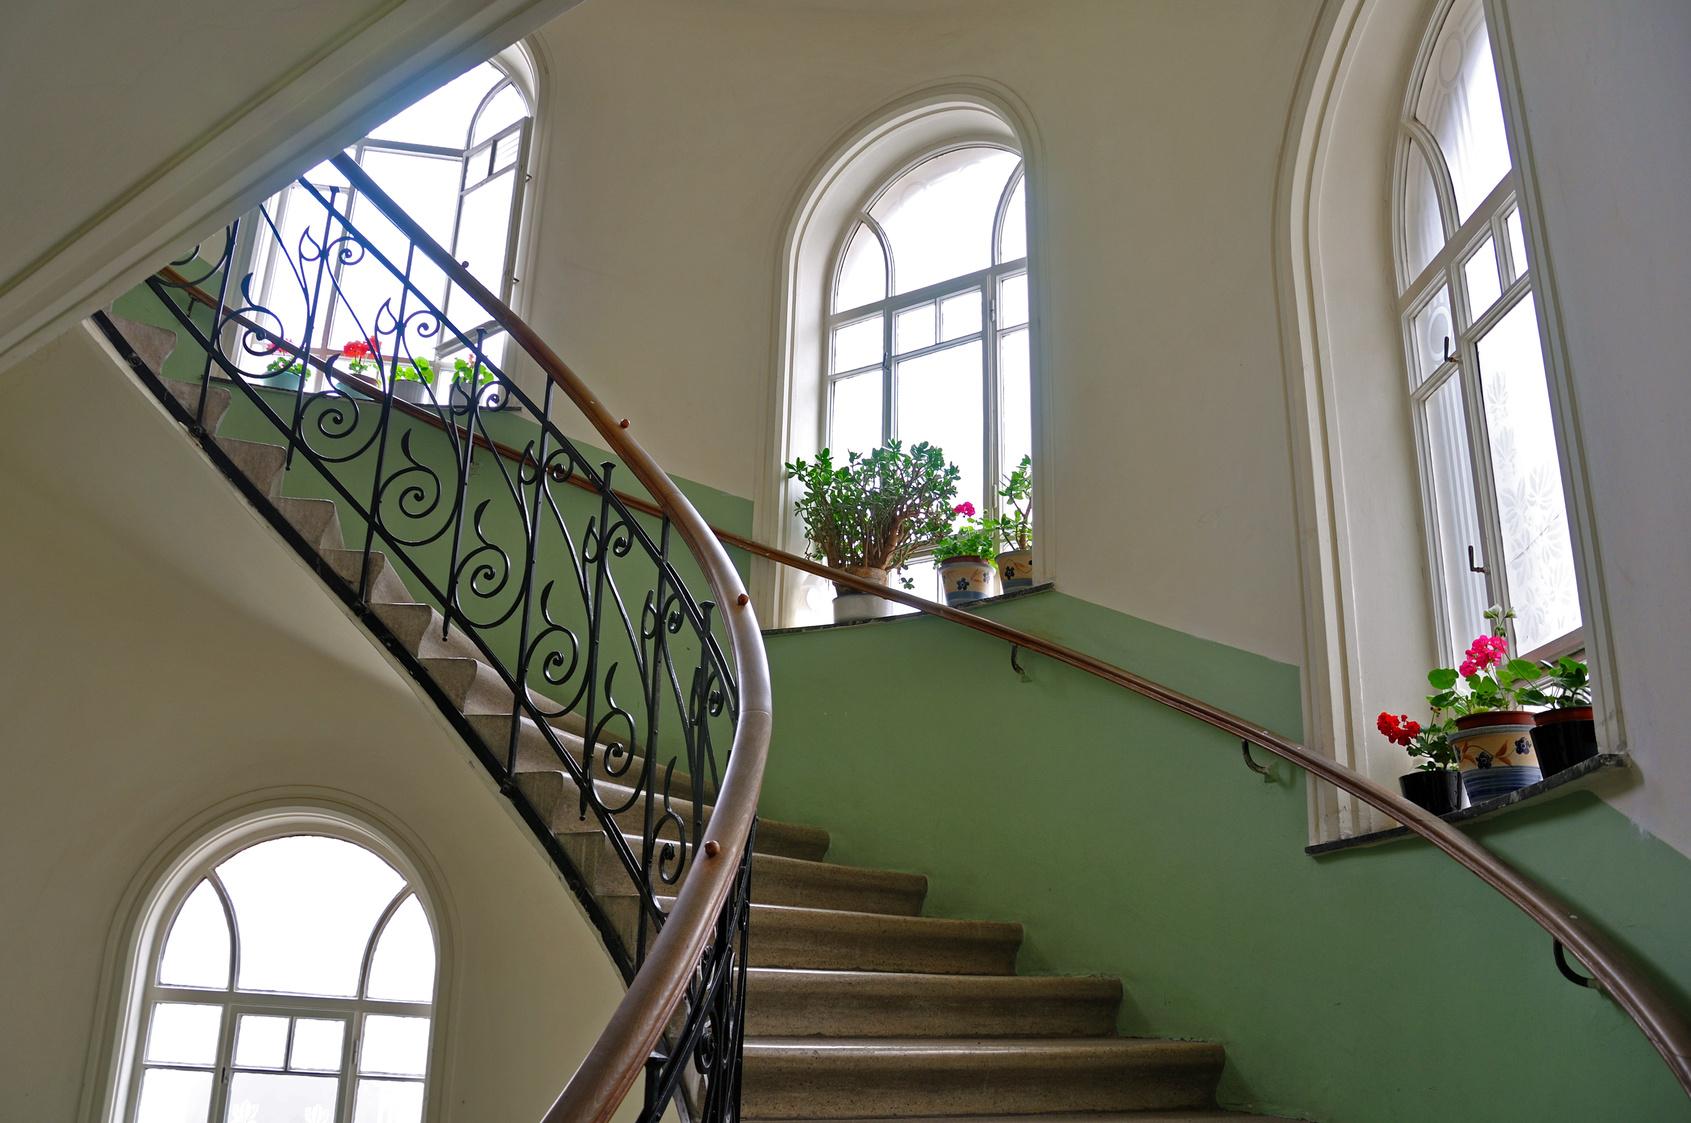 Treppenhaus gestalten beispiele  Treppenhaus streichen – vom Stiefkind zum Besucherliebling | Mein ...